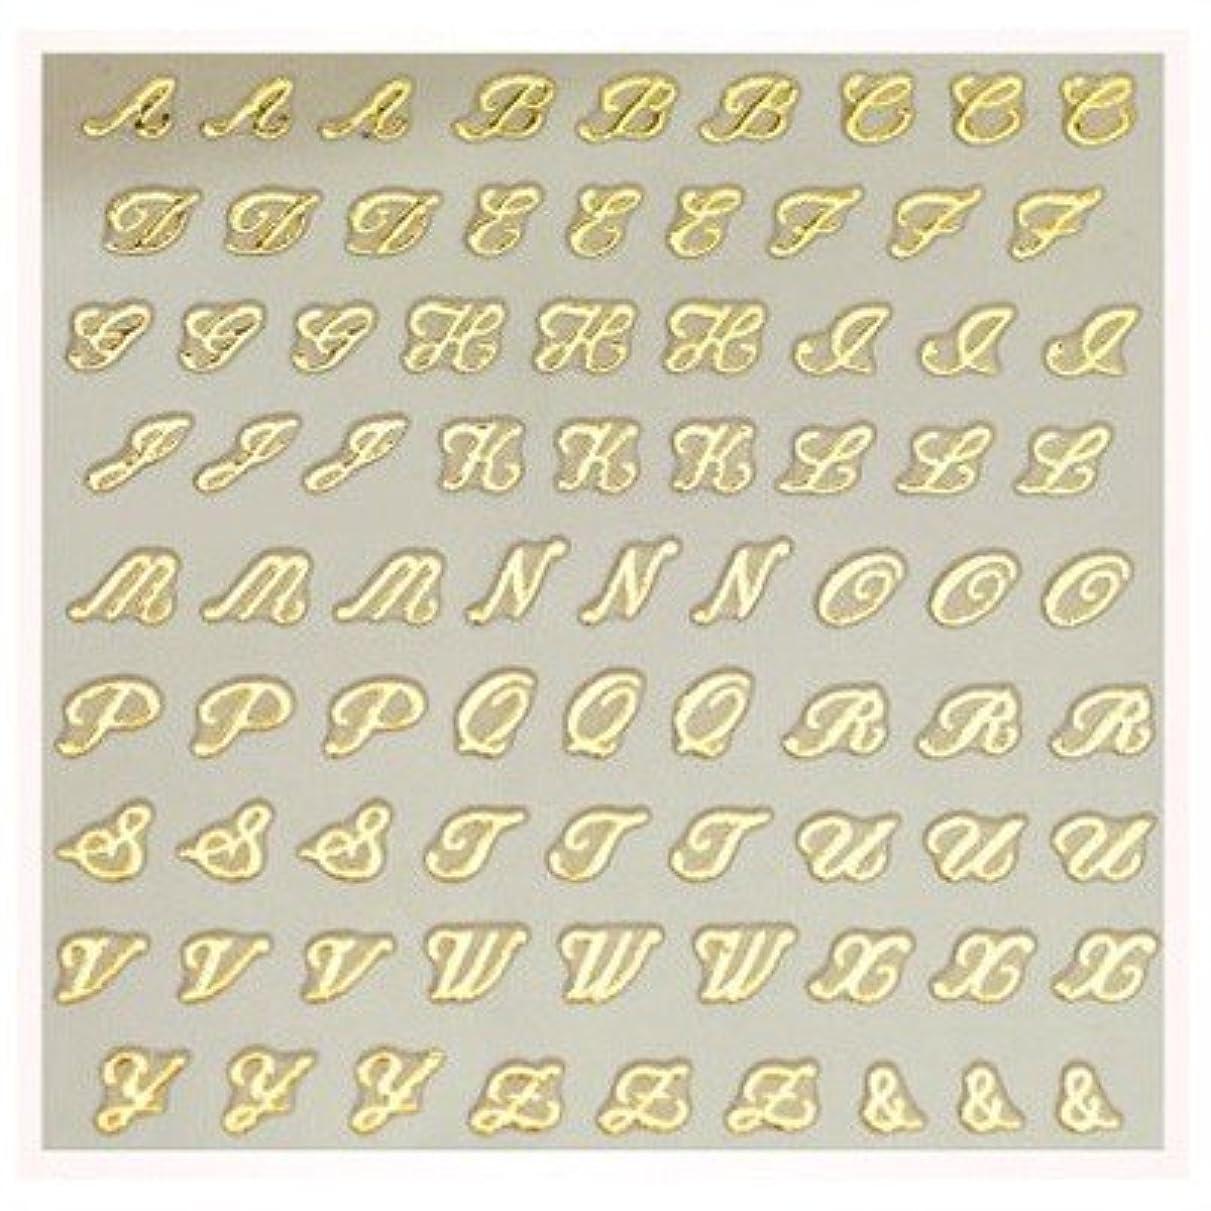 ホイストセッティングヤング文字ネイルシール アルファベット イニシャル ピアドラ pieadra×BLC ネイルシール ブローチイニシャル 小 ゴールド